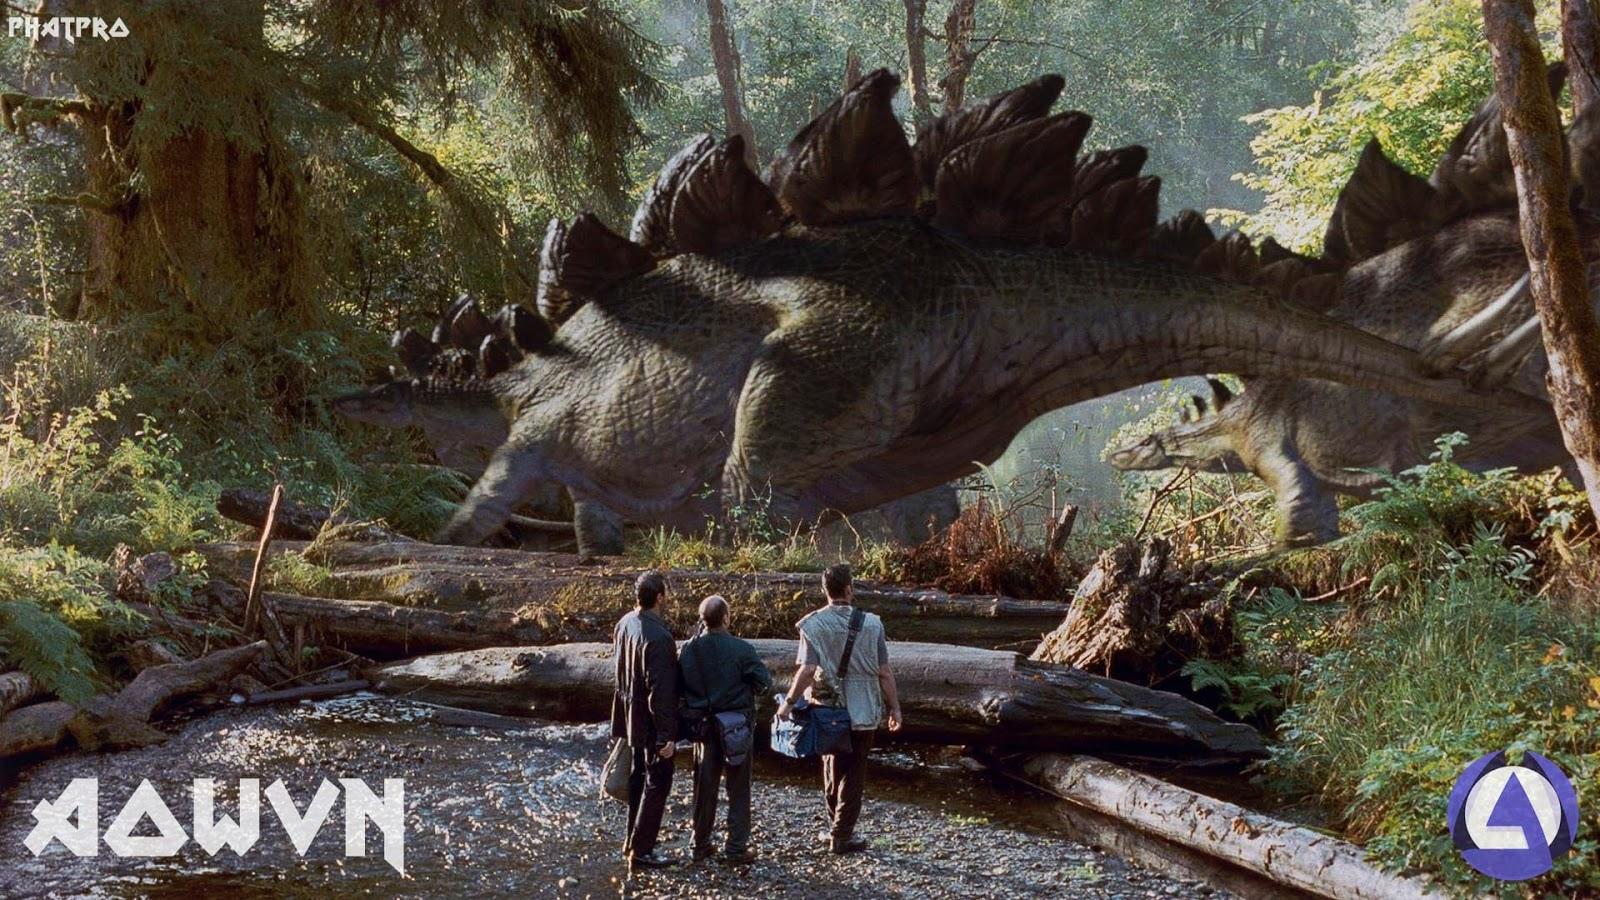 Jura%2B2%2B %2BPhatpro min - [ Phim 3gp Mp4 ] Tổng Hợp 5 Phần Jurassic Park + Jurassic World HD-BD | Vietsub - Bom Tấn Mỹ Siêu Hay